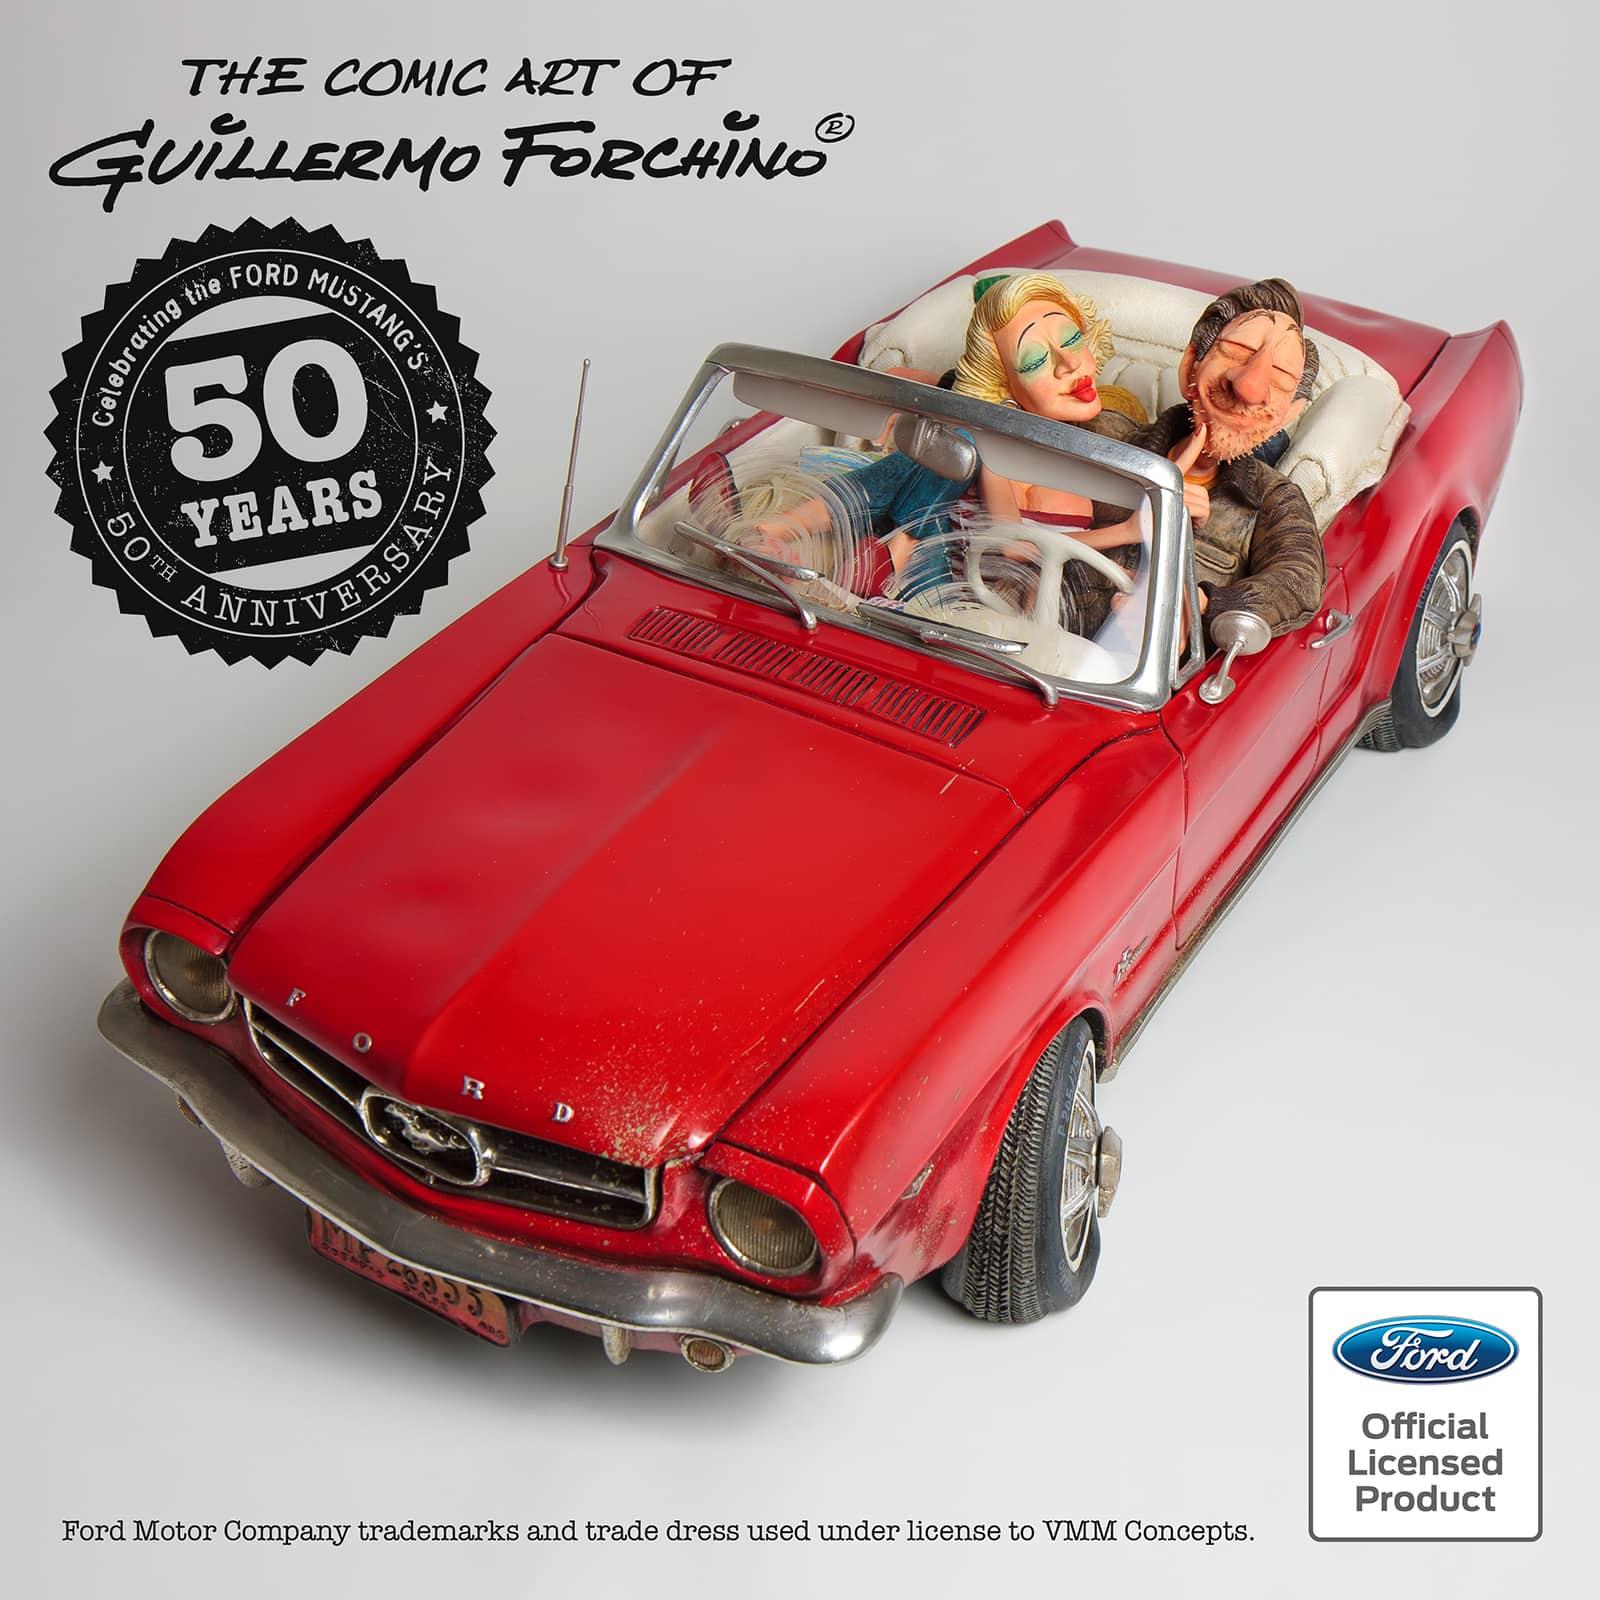 מכונית פורד מוסטנג 65'